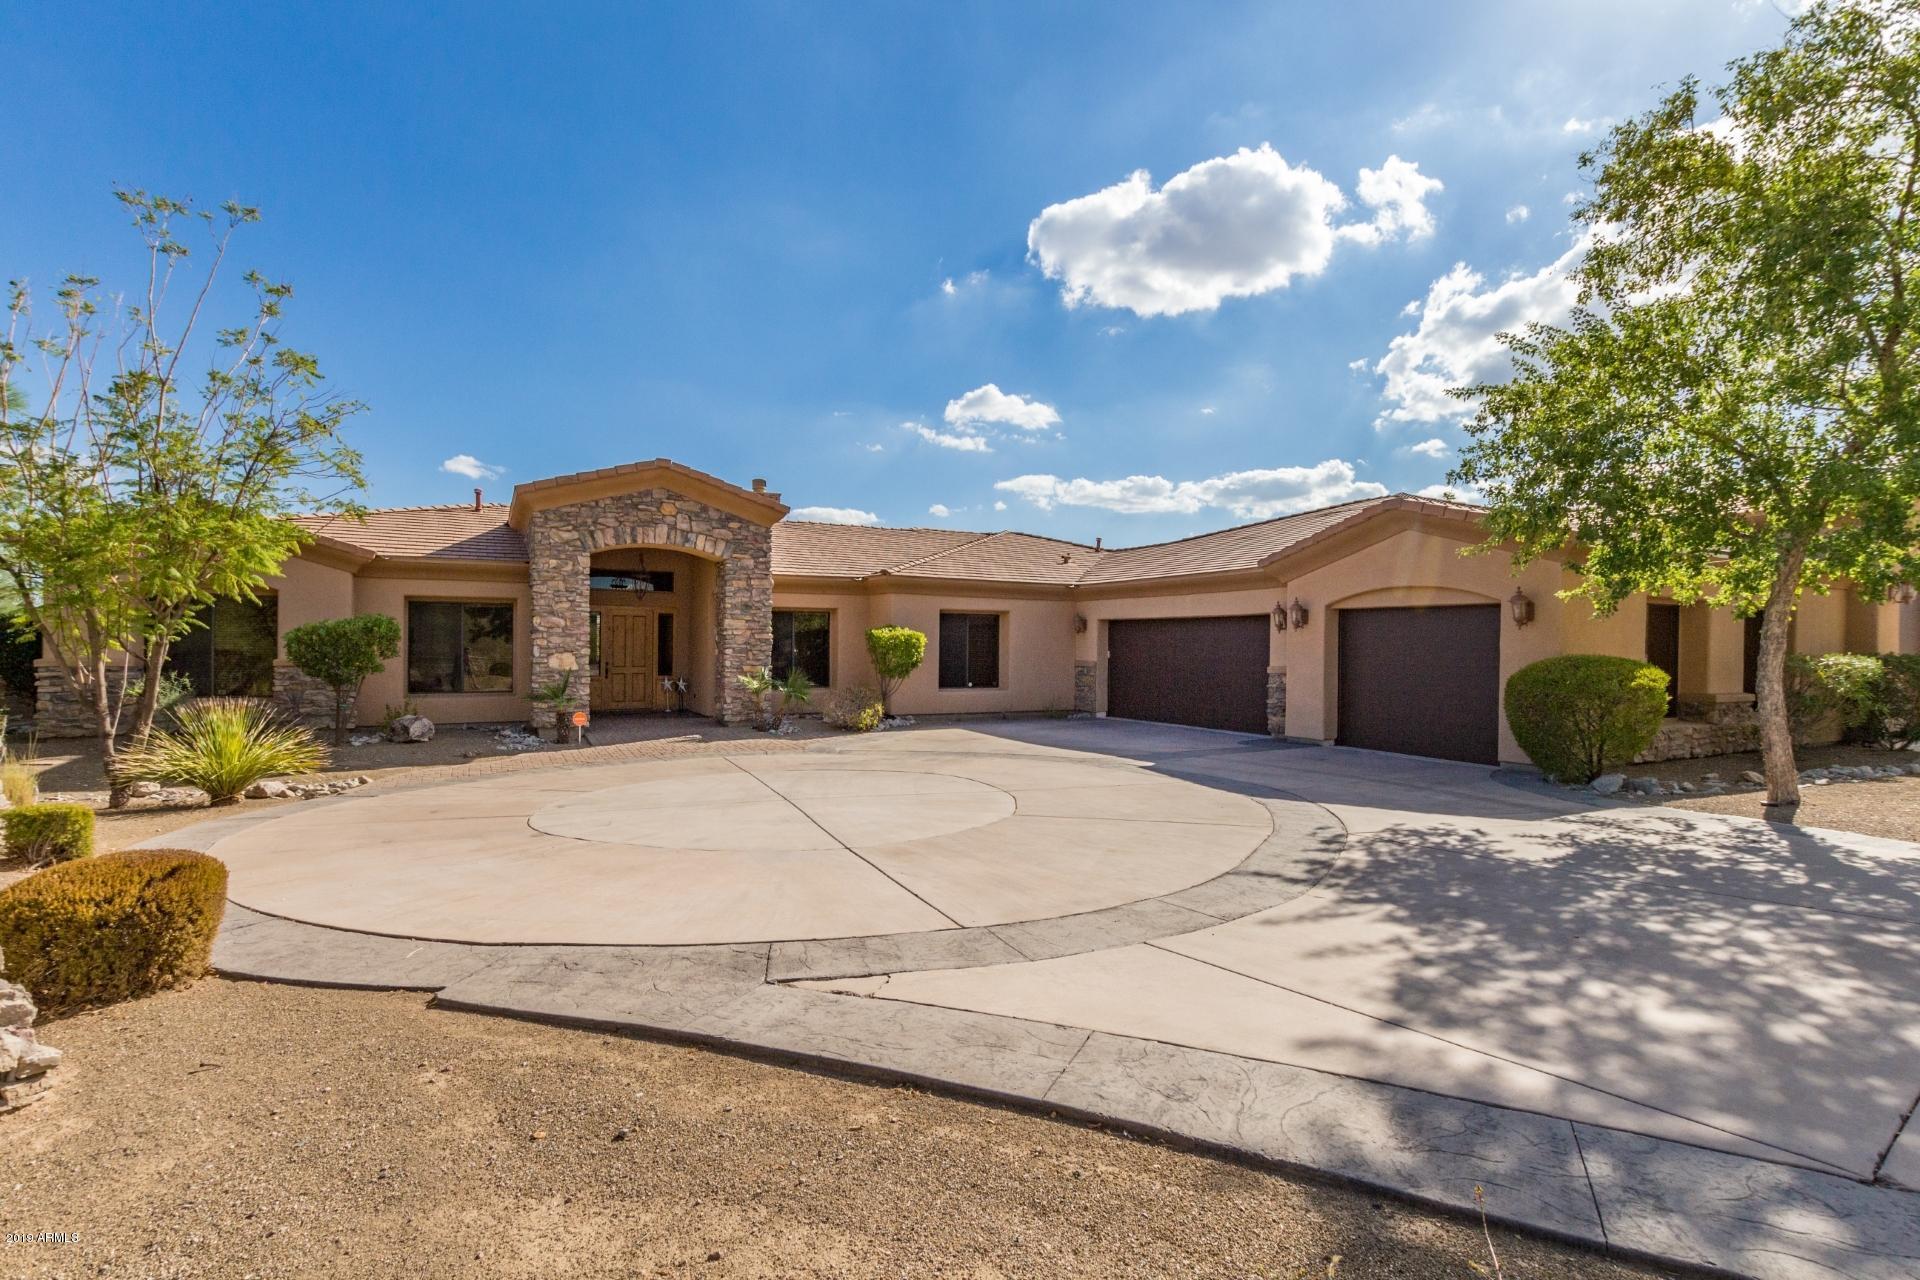 Photo of 9445 E MCLELLAN Road, Mesa, AZ 85207